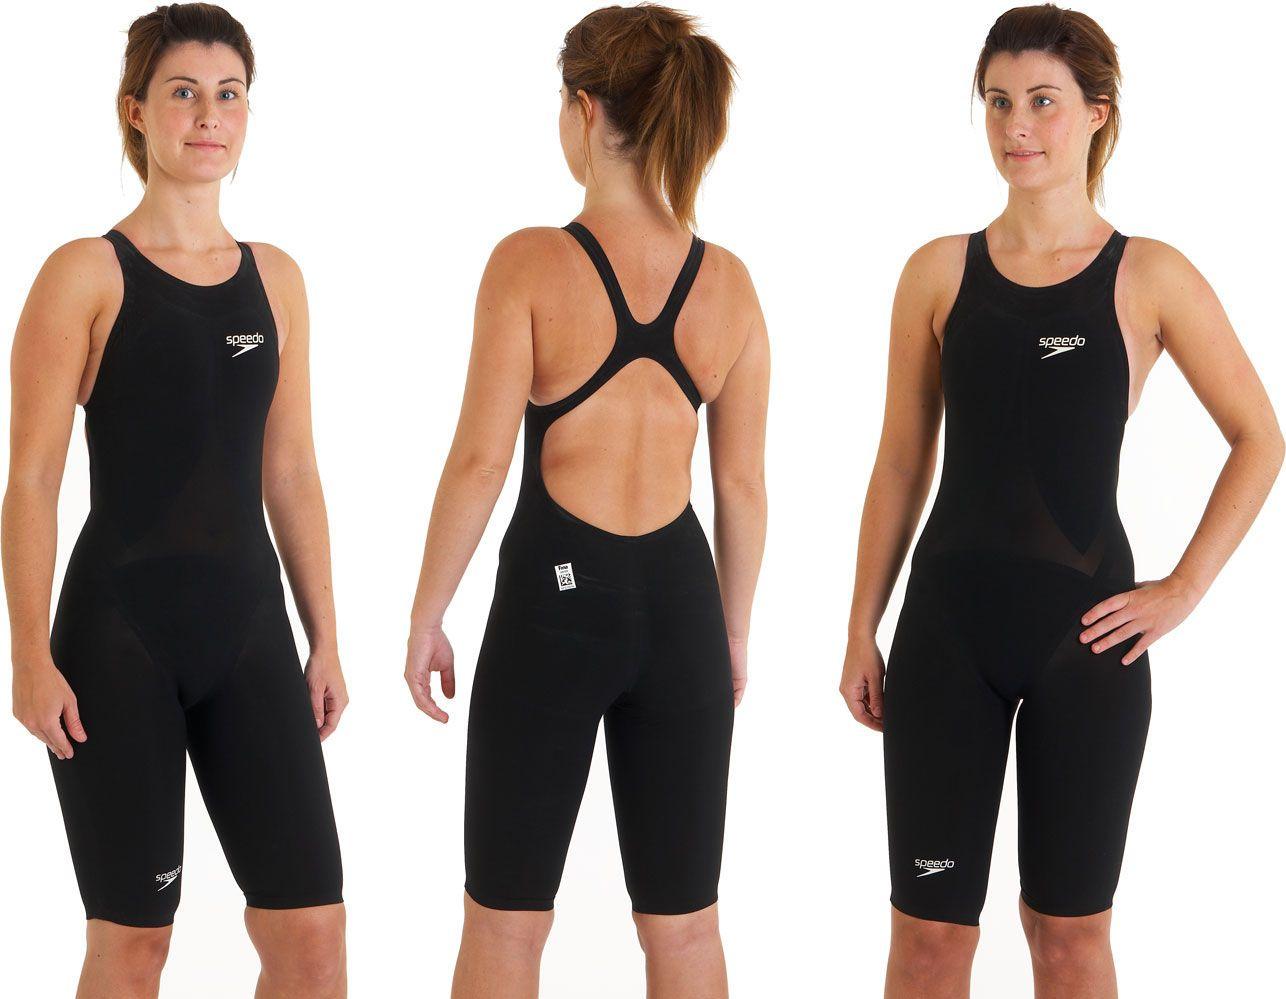 a4f2b2e4539a trajes de baño para natacion mujer speedo - Buscar con Google | Lol ...